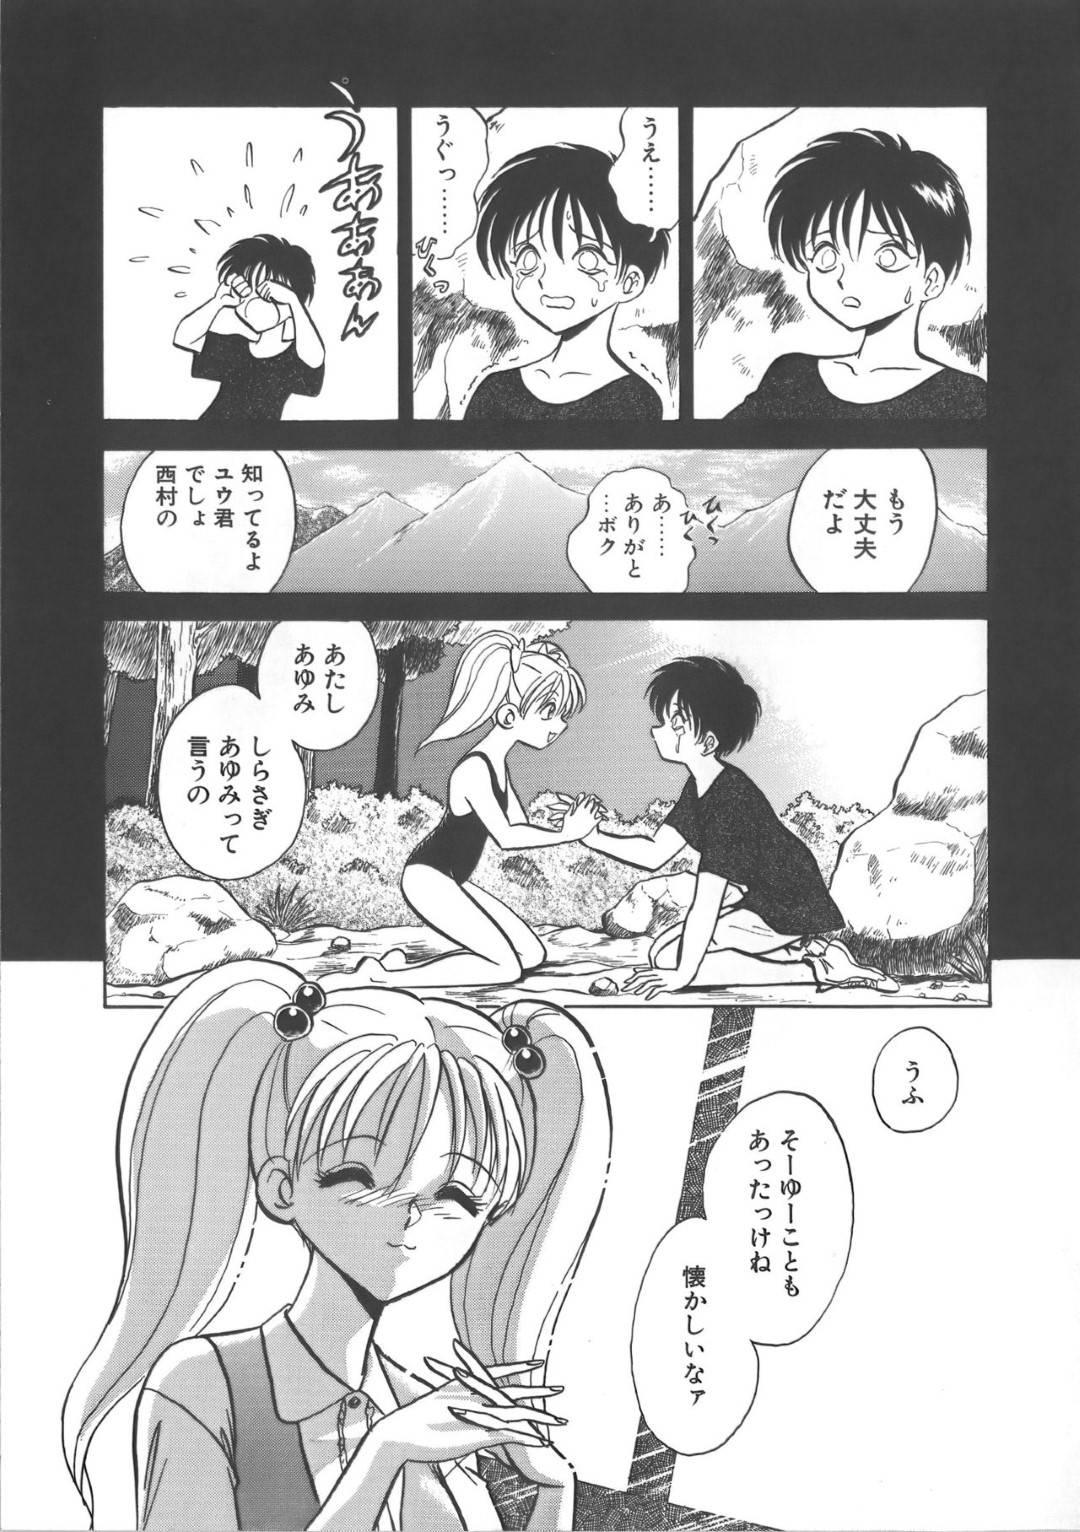 【エロ漫画】ご主人さまに毎日のようにハード調教を受ける亜弓。彼女は腕を縛られた状態でディルドで膣を責められた後、言葉責めをされながら乱暴にバックでガン突きファックされて不覚にも感じてしまう!